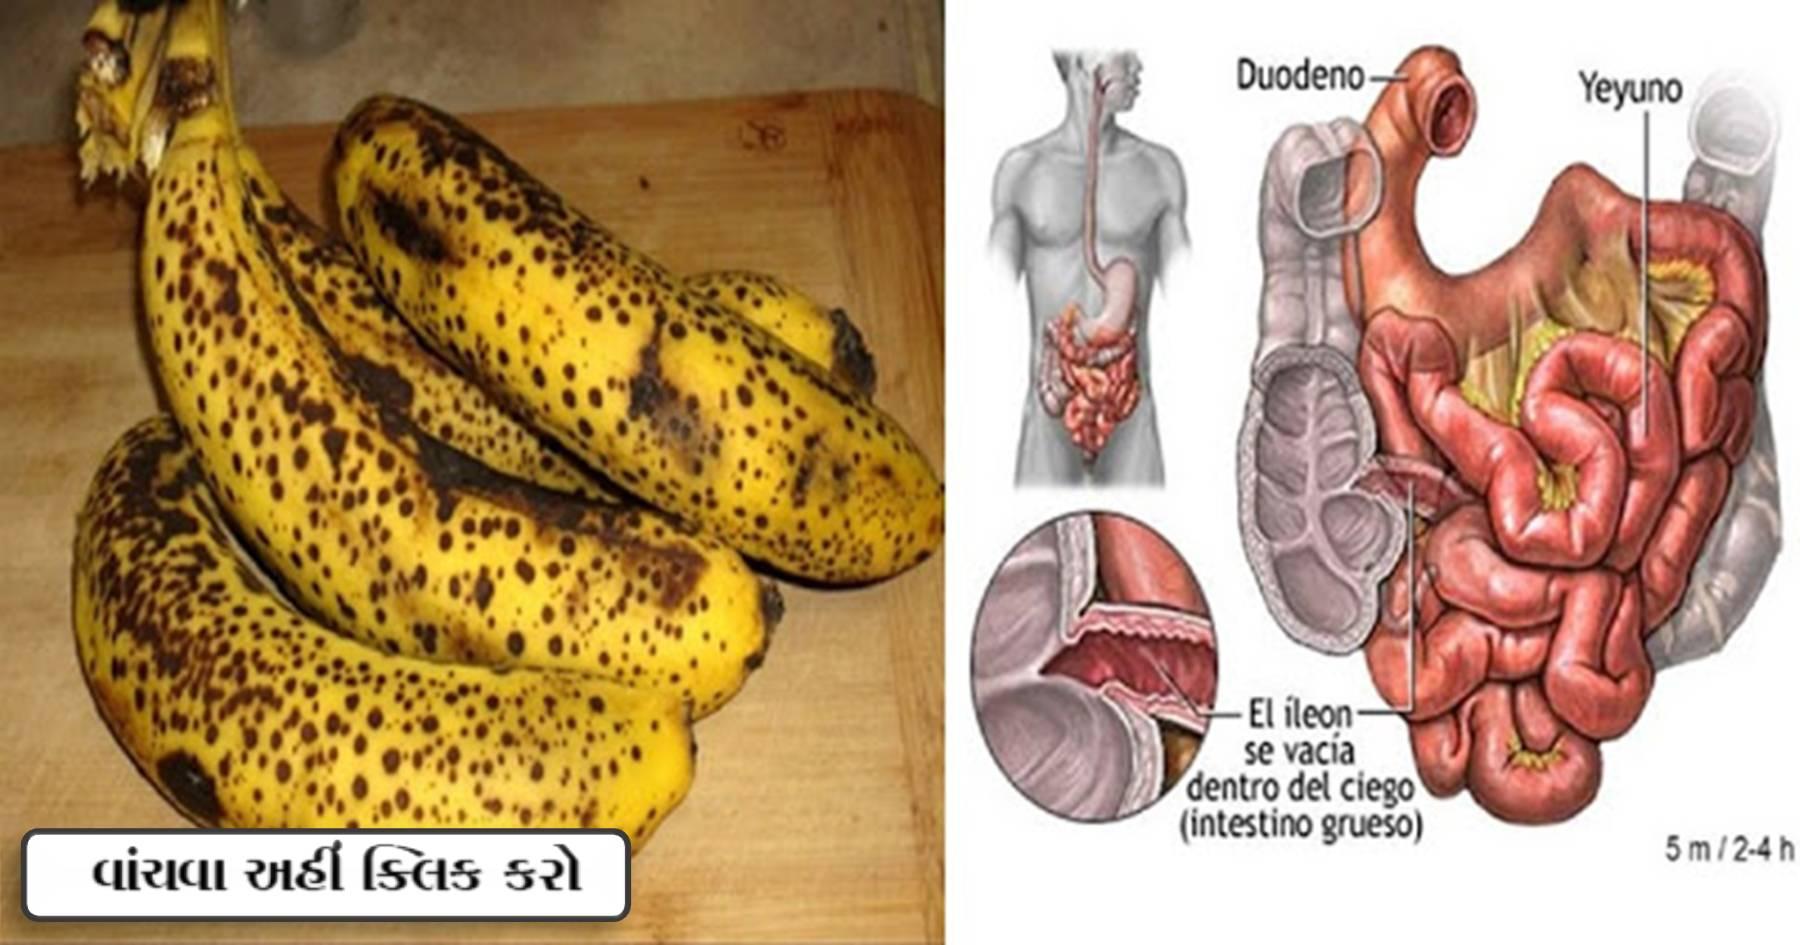 કાળા ધબ્બા વાળા કેળા ક્યારેય ફેંકશો નહિ, તેના ફાયદા જાણી તમે પણ આજ થી જ ફેંકવાનું બંધ કરી દેશો